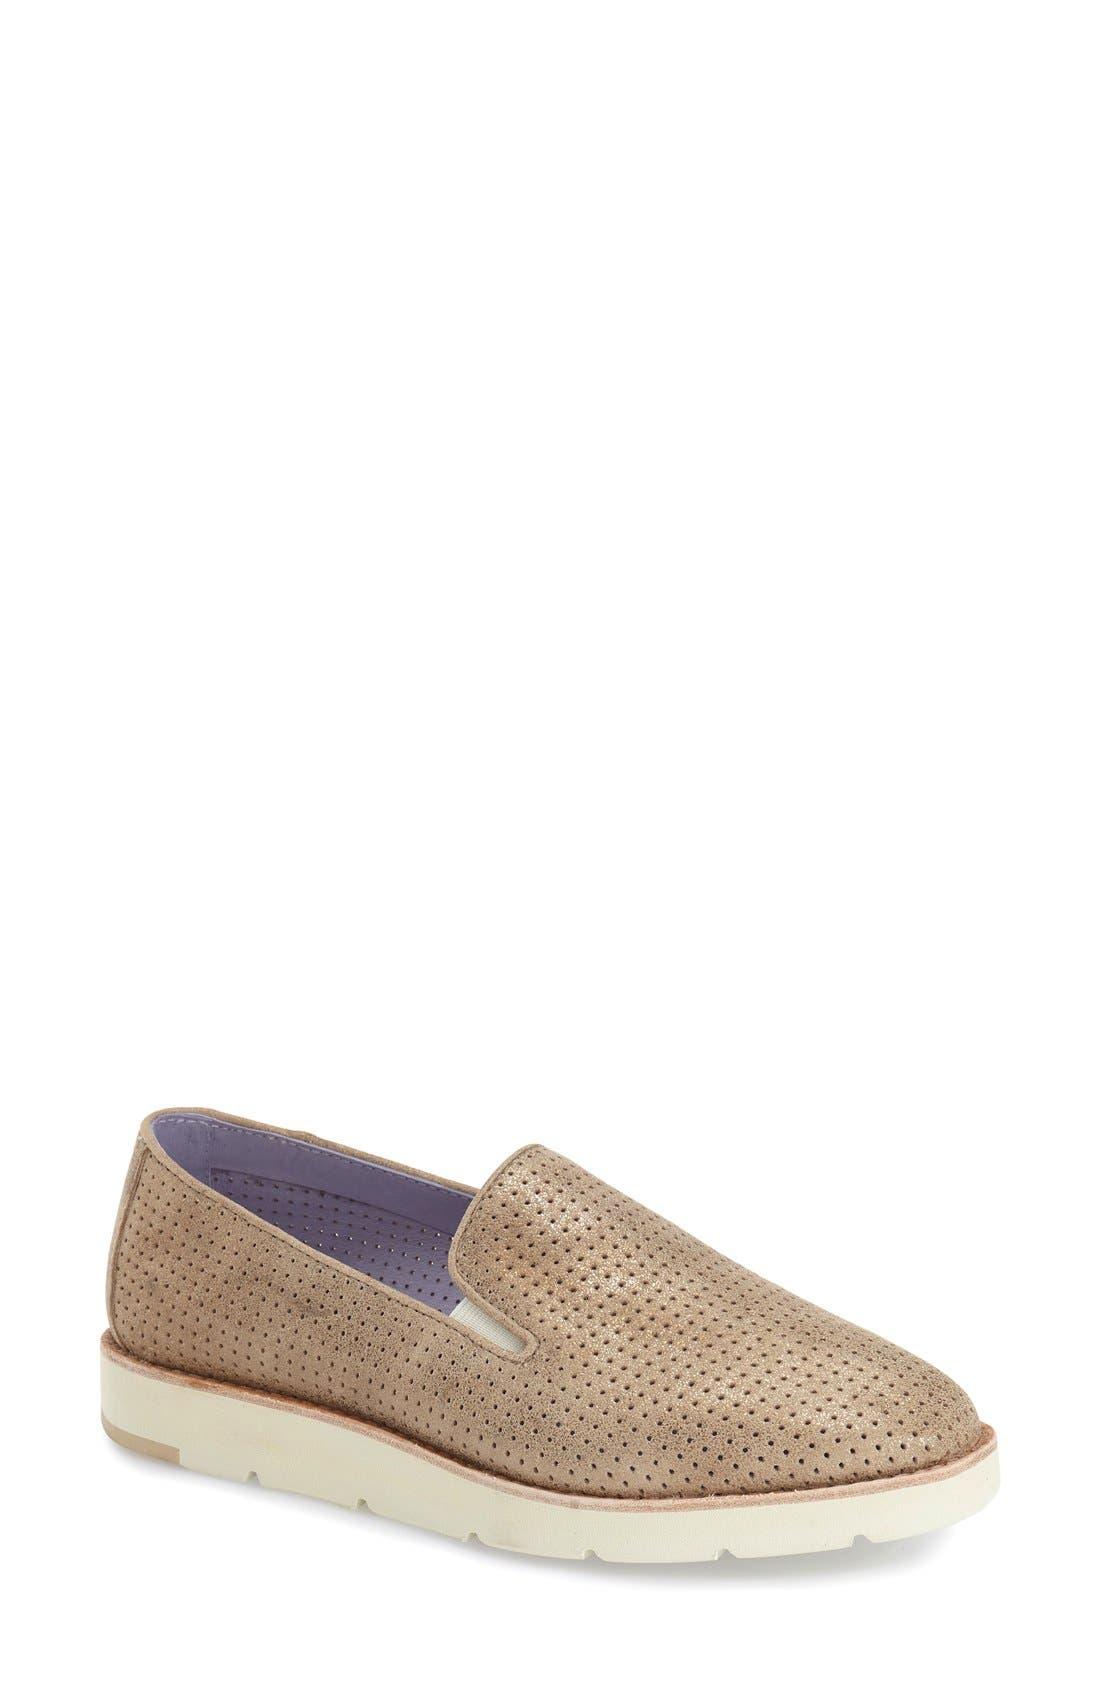 'Paulette' Slip-On Sneaker,                             Main thumbnail 1, color,                             Gold